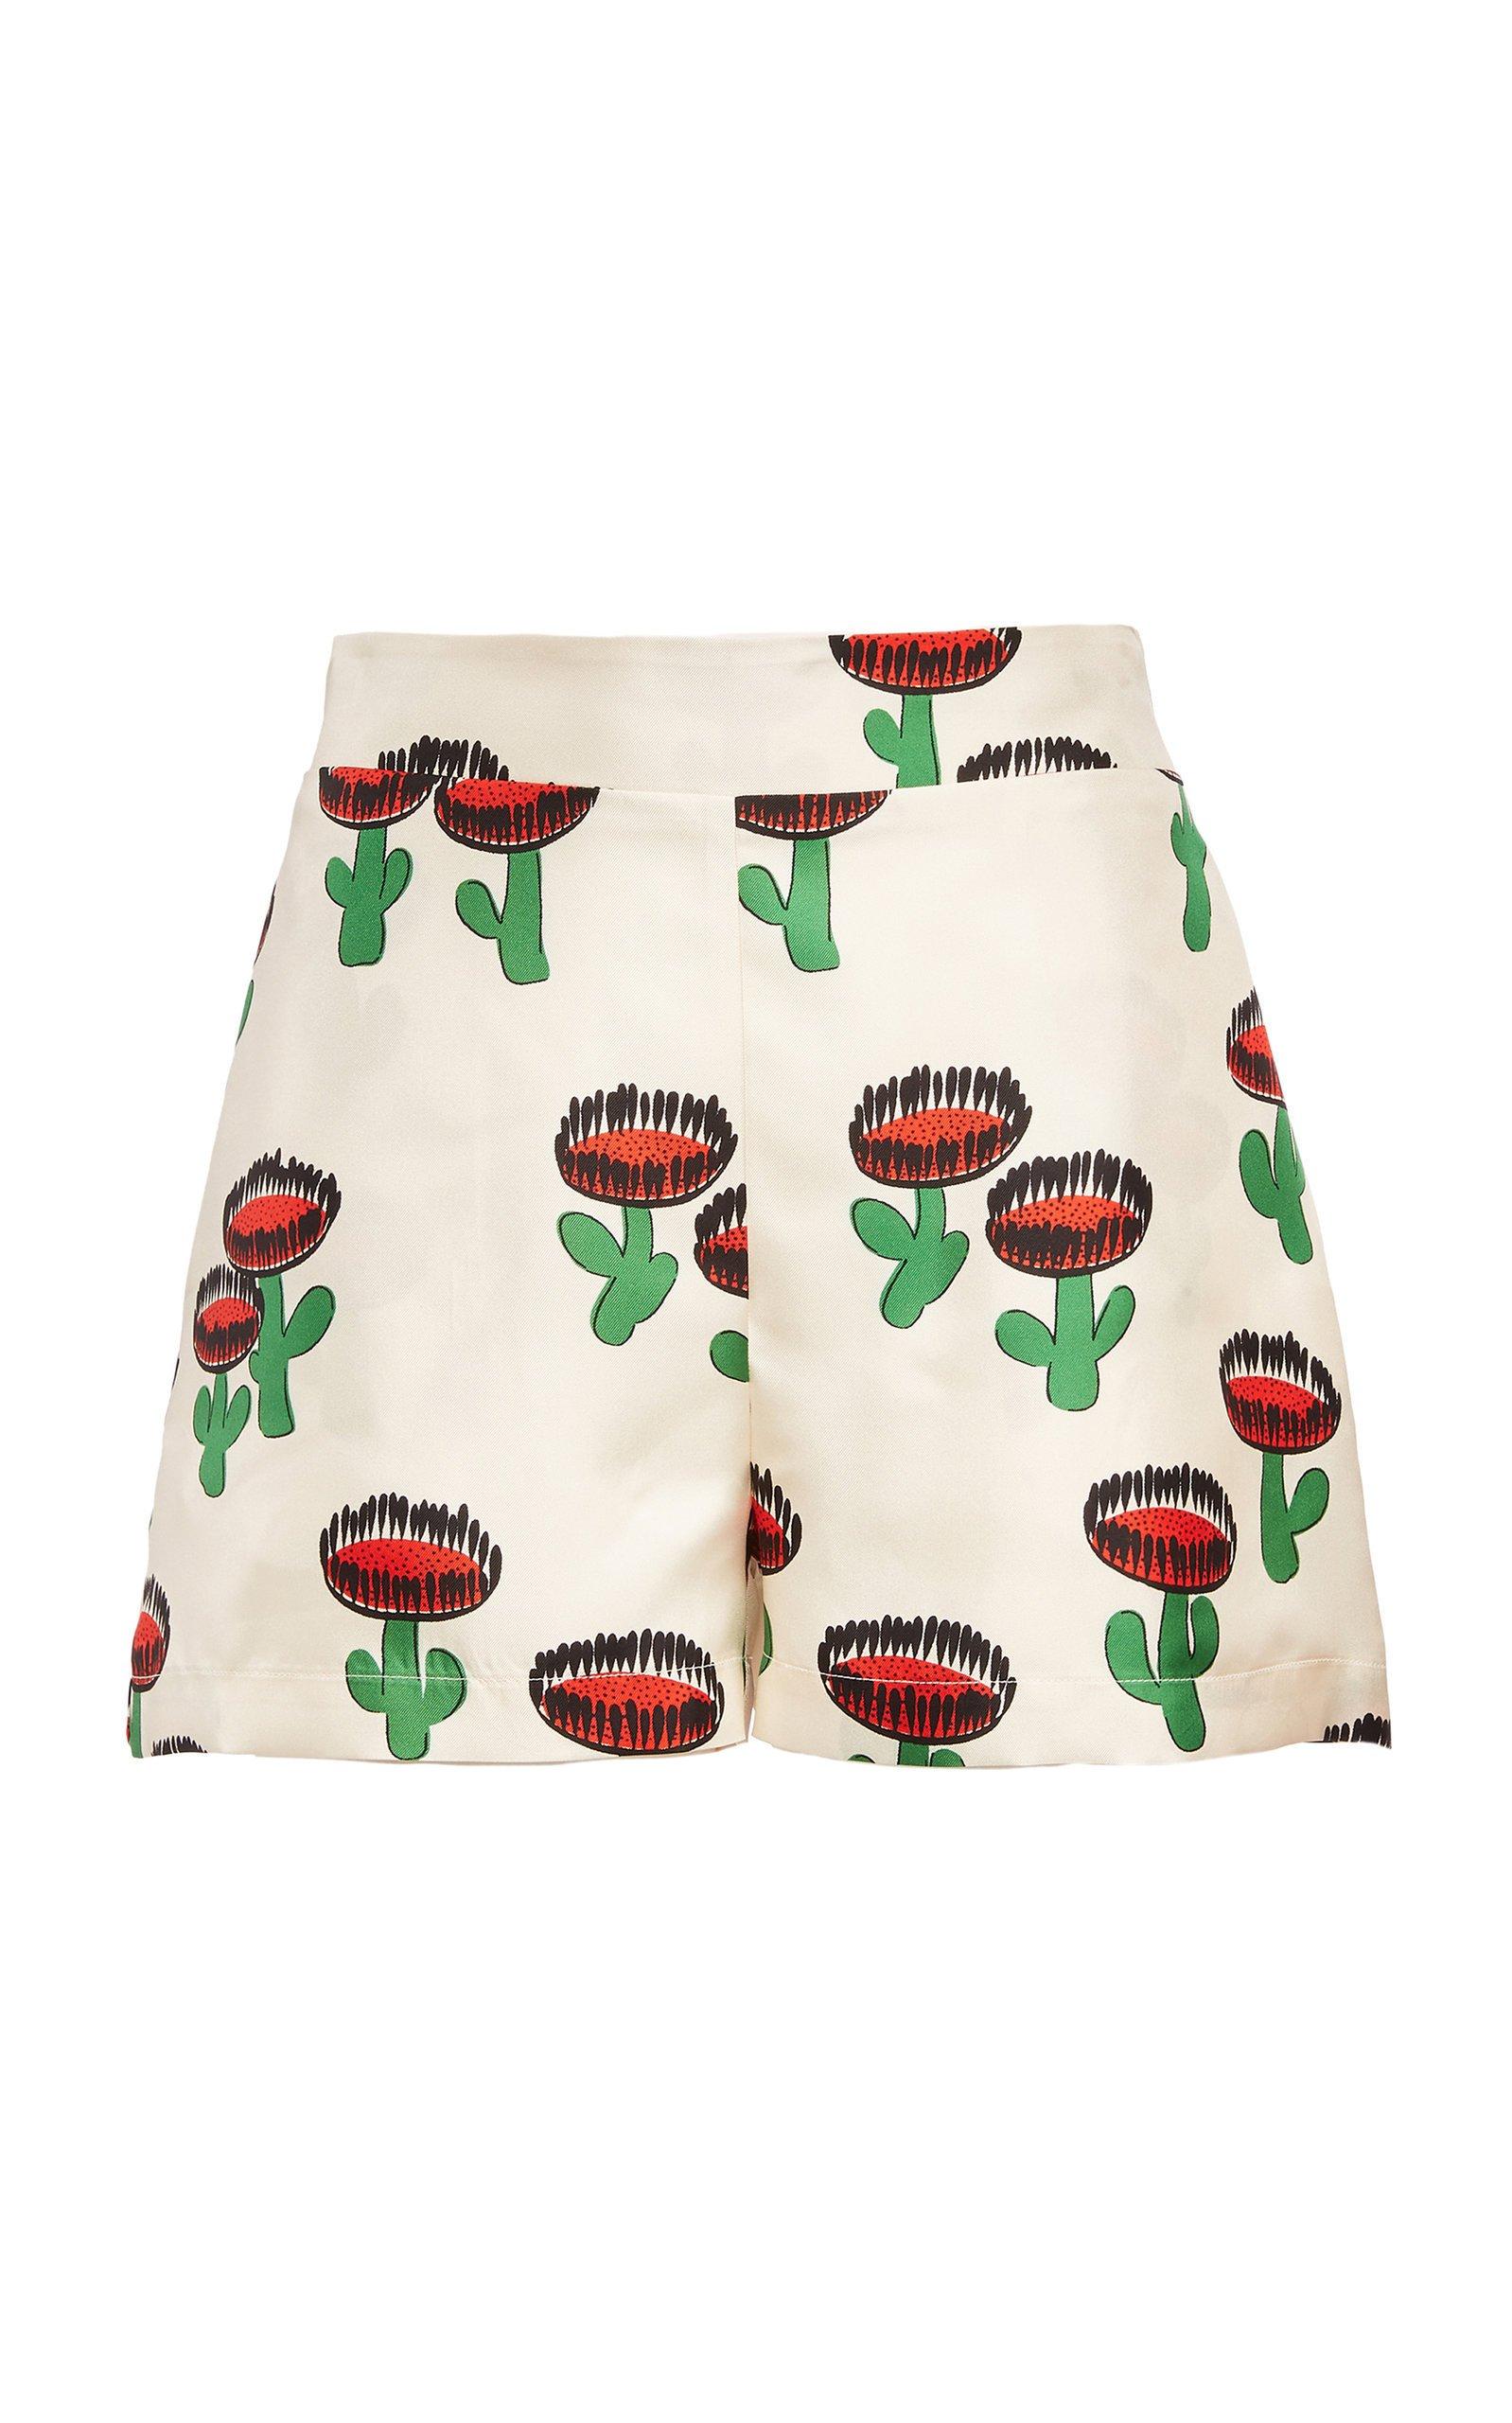 La DoubleJ Boxer Printed Silk Shorts Size: XL